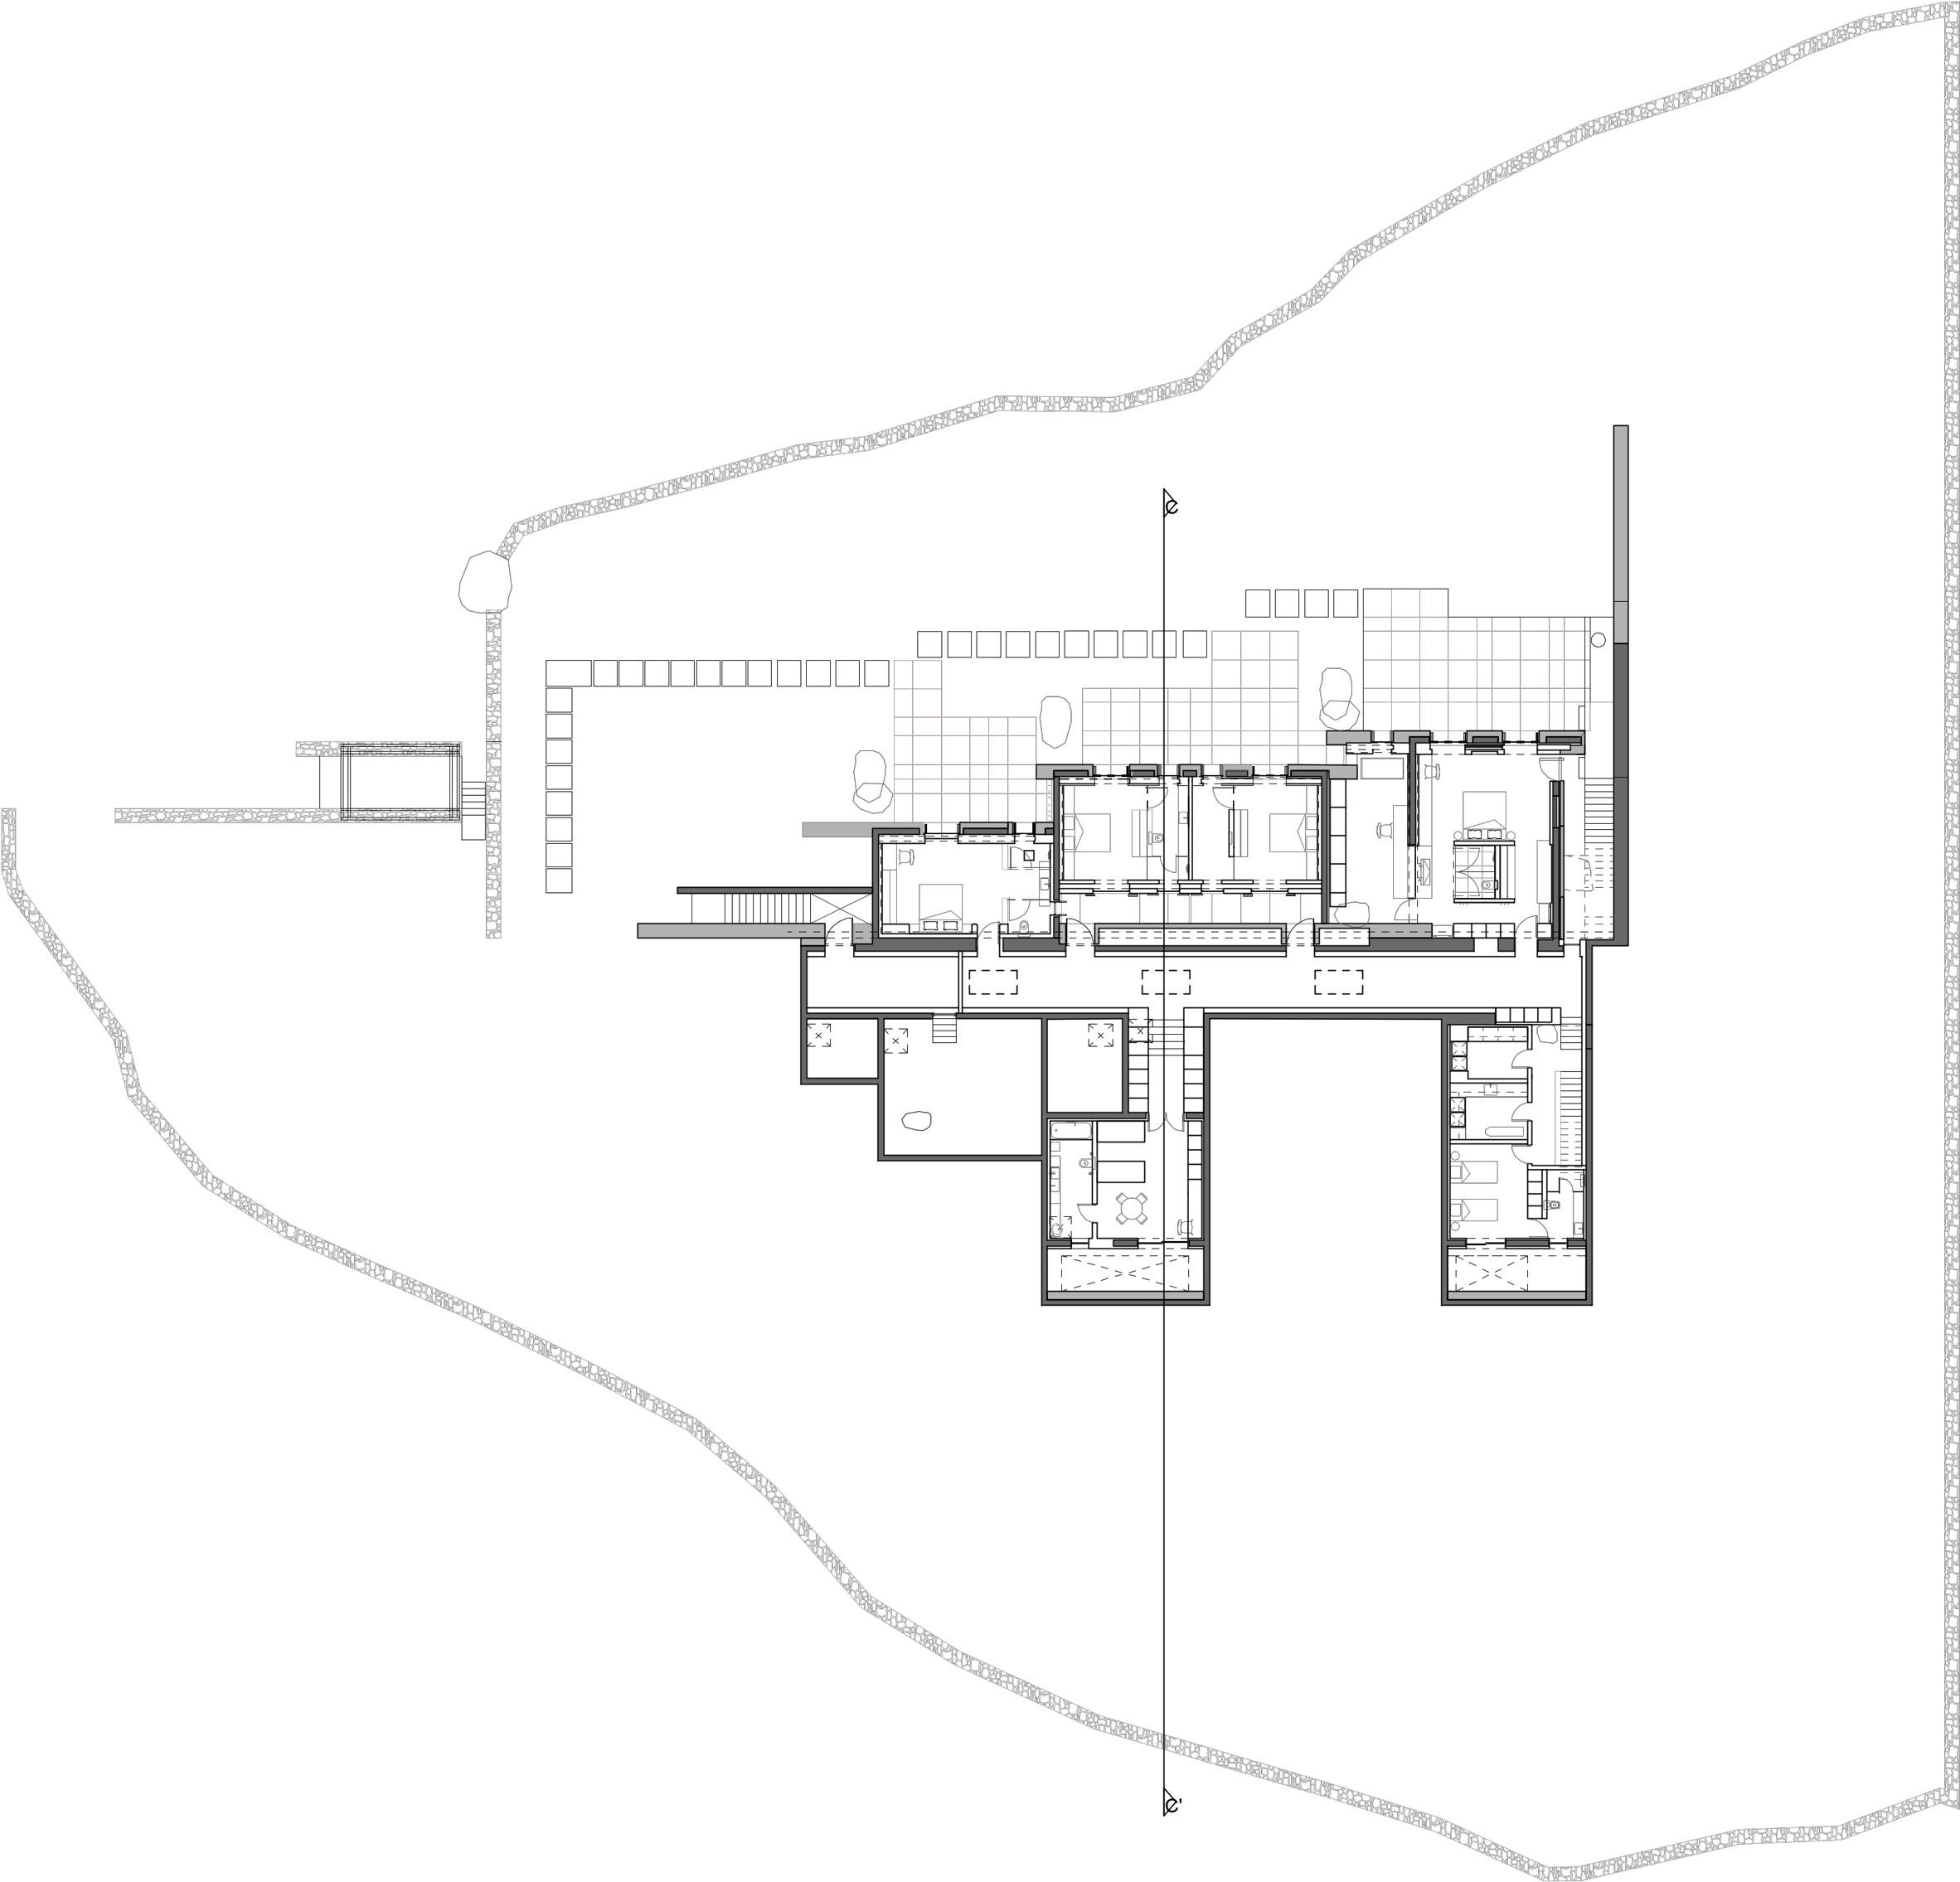 Thiết kế ngoại thất biệt thự 11